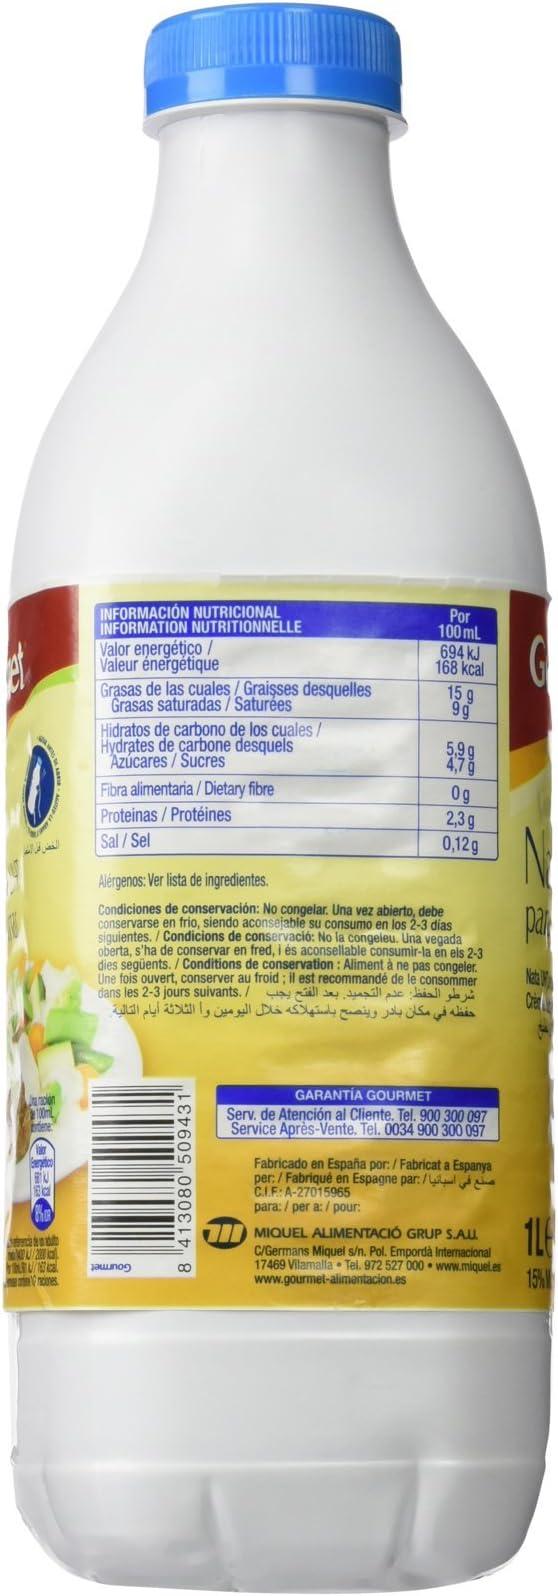 Gourmet - Nata Uht Para Cocina 1 L: Amazon.es: Alimentación y bebidas